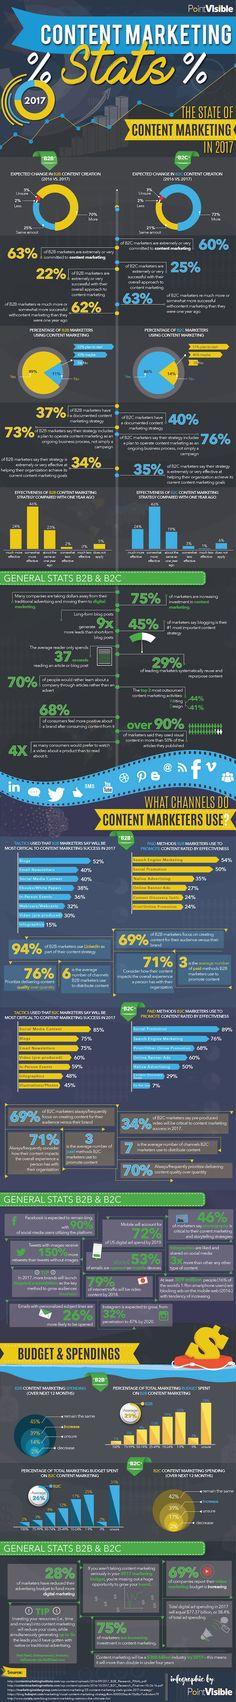 #ContentMarketing in 2017: The Important Stats You Need to Know #Infographic #Marketing Clique aqui http://www.estrategiadigital.pt/ferramentas-de-marketing-digital/ e confira agora mesmo as nossas recomendações de Ferramentas de Marketing Digital